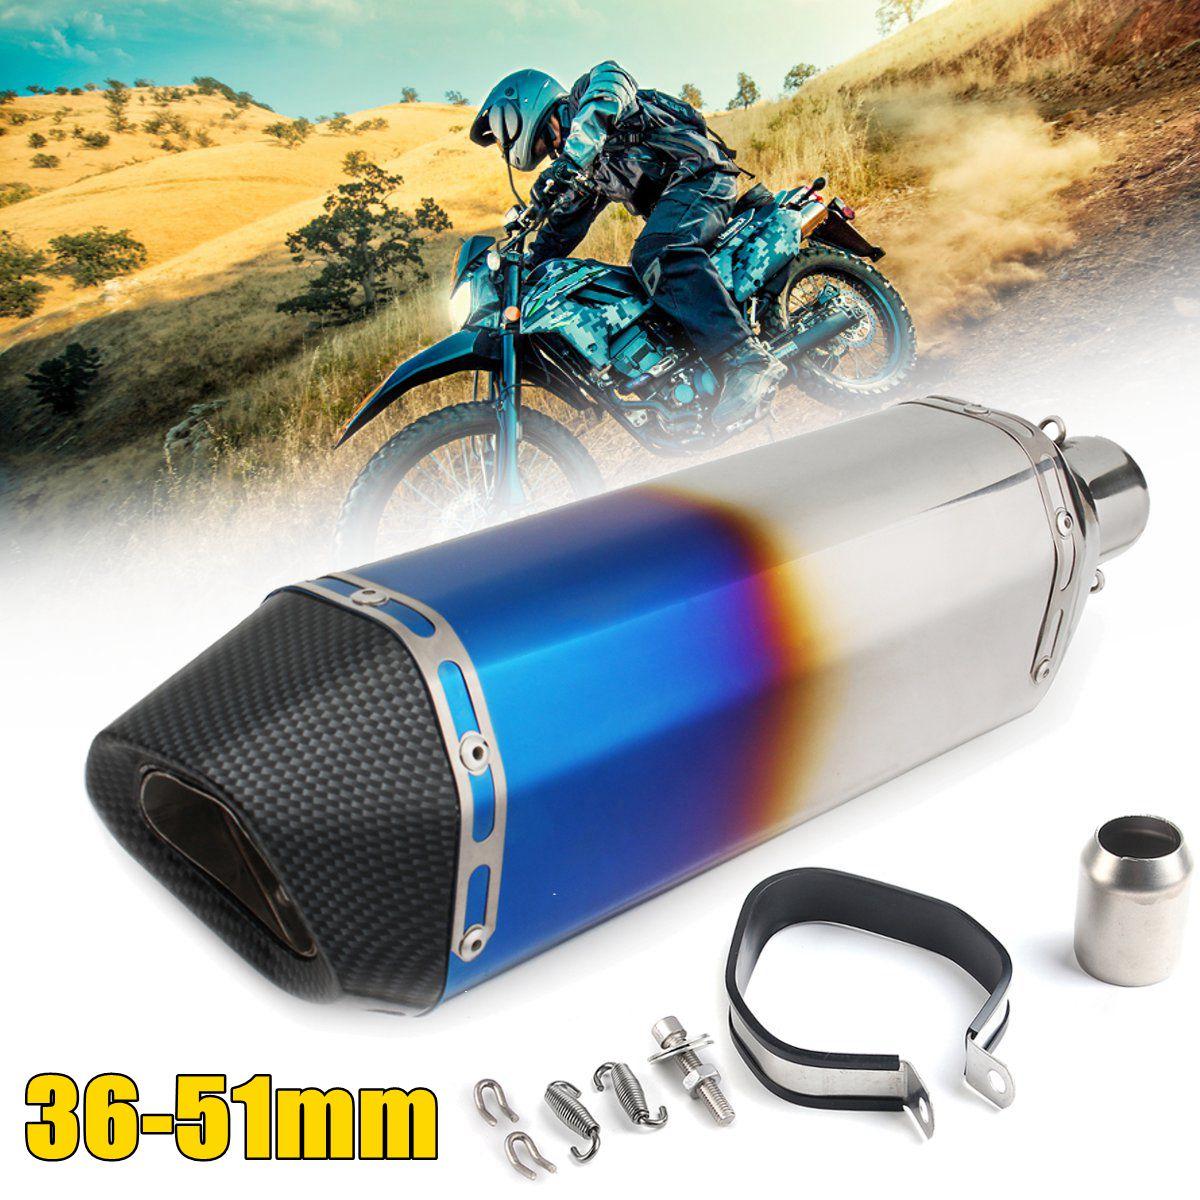 Tuyau de silencieux d'échappement universel bleu/coloré de moto d'acier inoxydable de 36-51mm pour Honda/Kawasaki/Yamaha/Suzuki/KTM/ATV